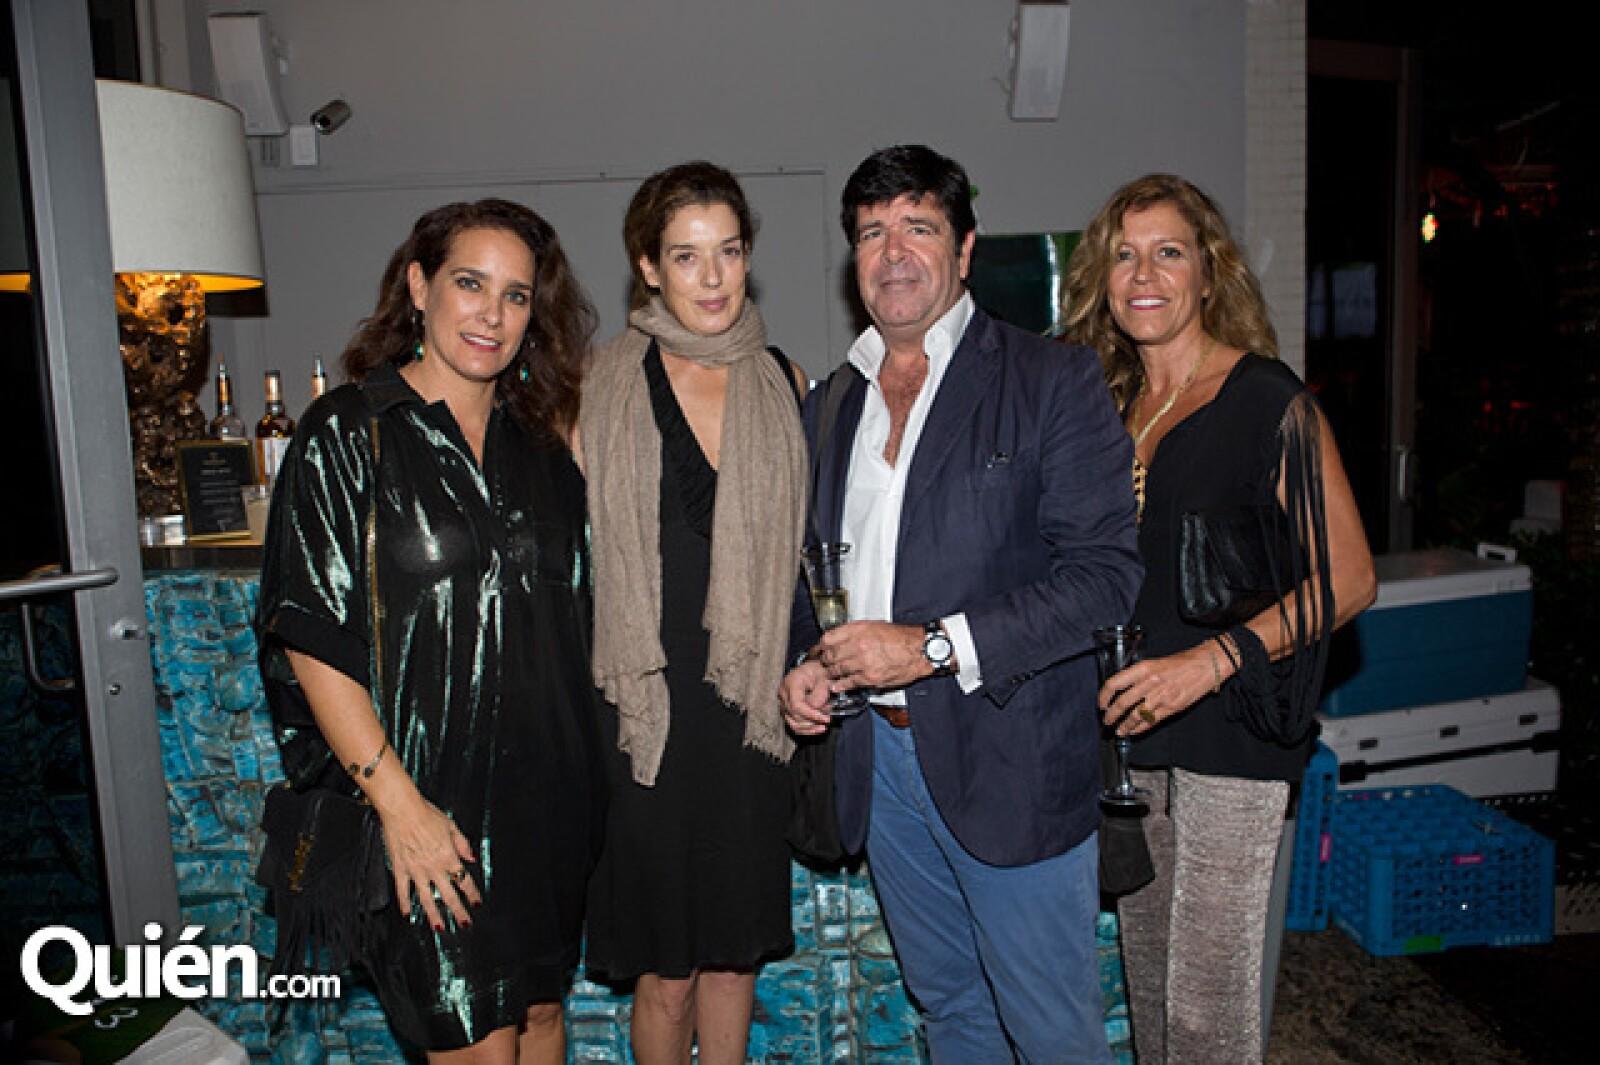 Sofía Partida,Nicolle Mayer,Paula Matosgil y José Duarte